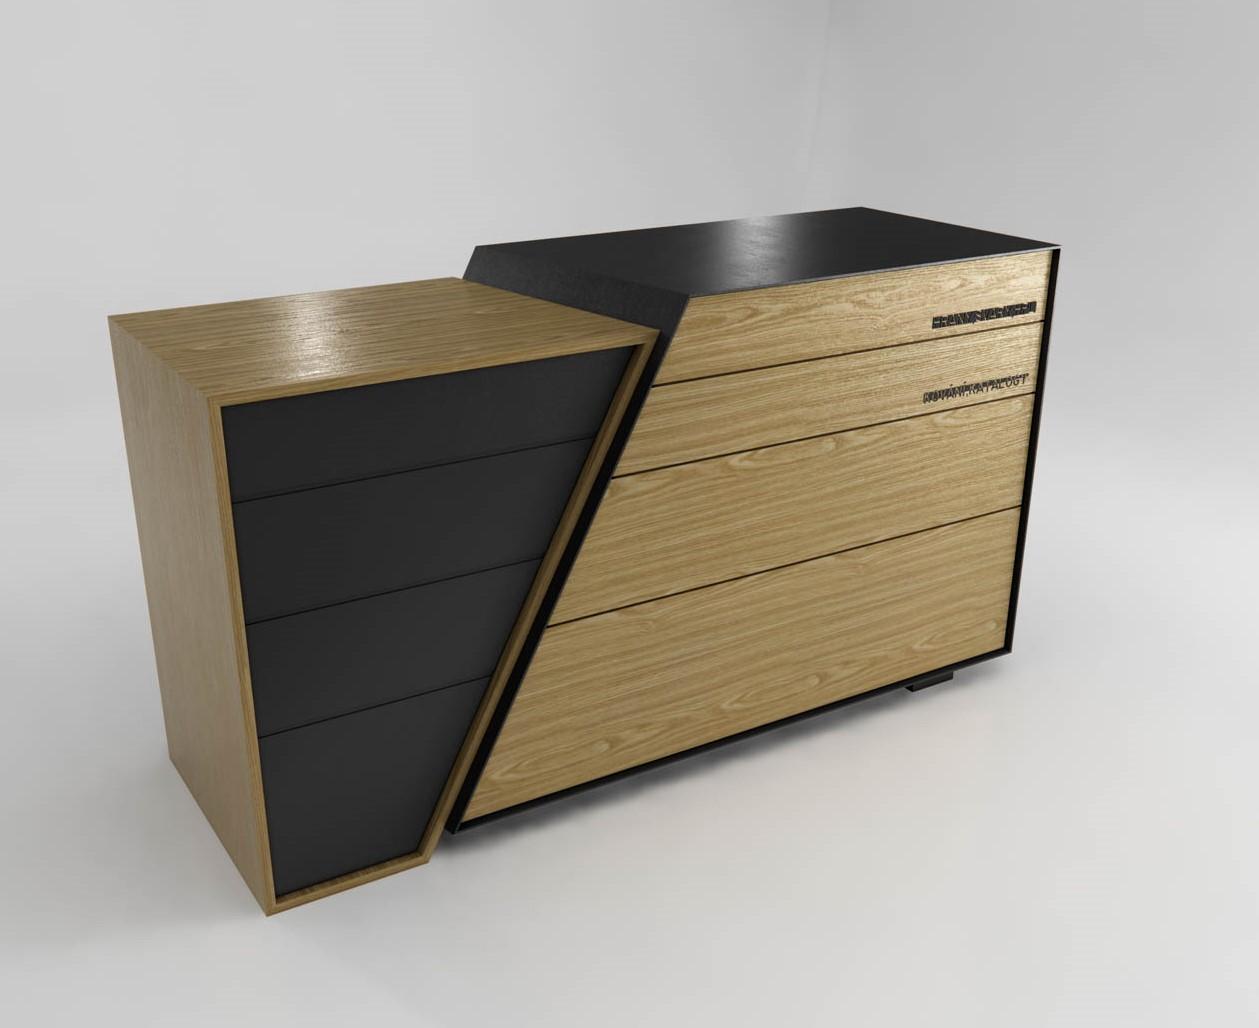 Koncept komod, produktový design, dřevo, kov